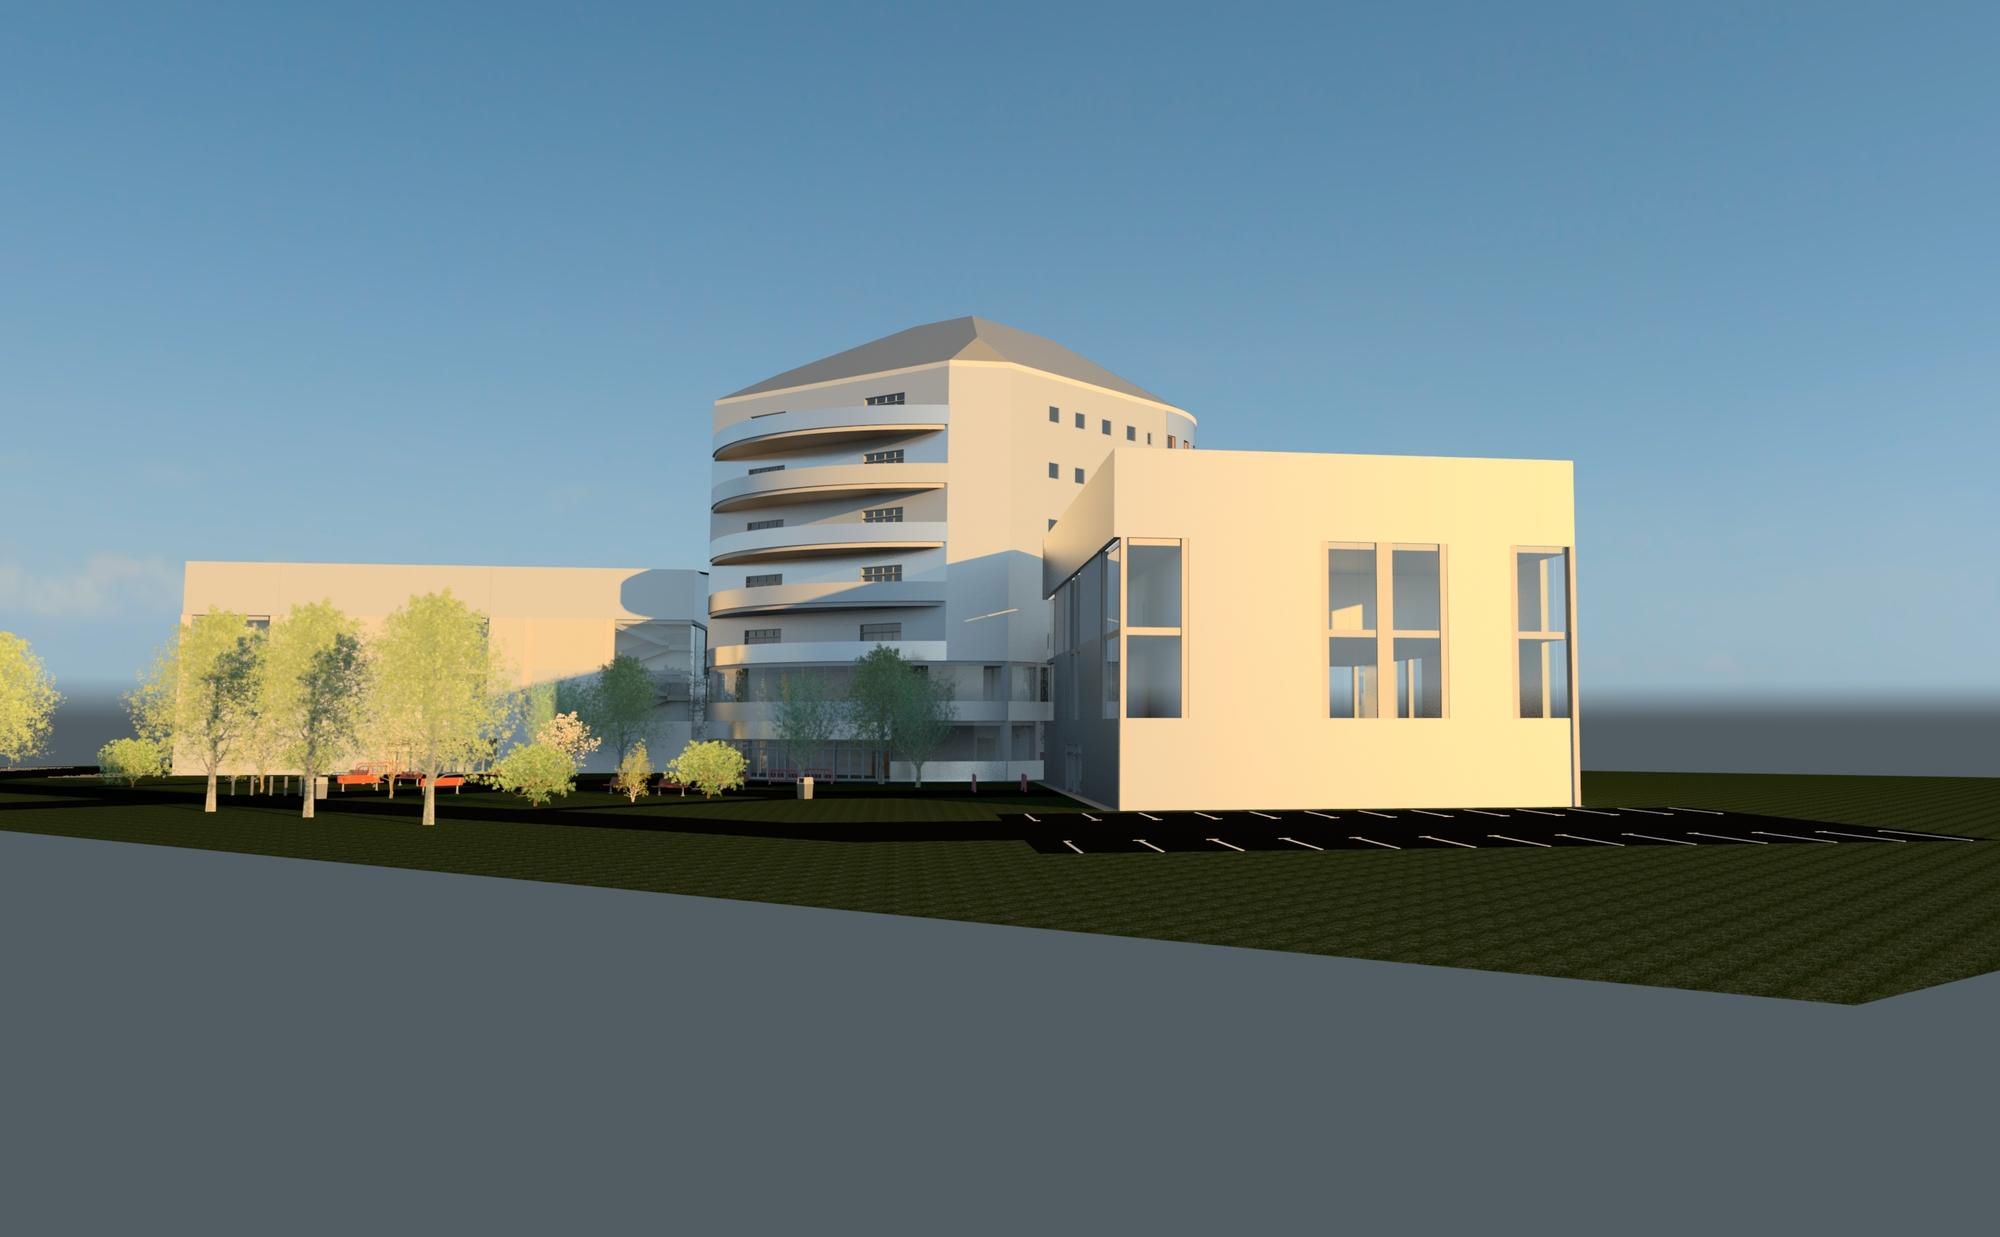 Raas-rendering20141106-21415-58nulj